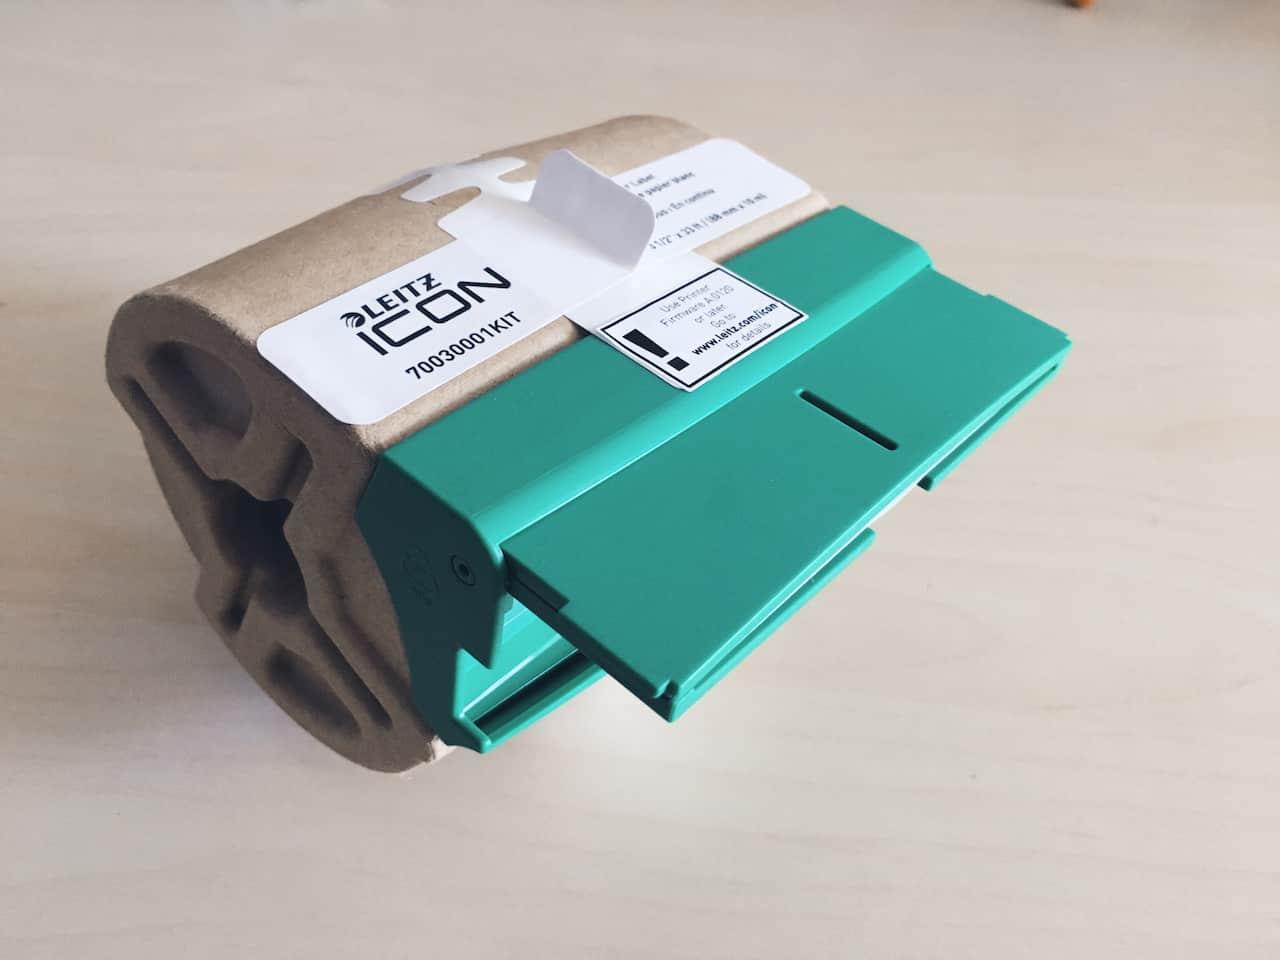 Egy készülék, amivel valóban élmény a vezeték nélküli címkenyomtatás | Techwok.hu